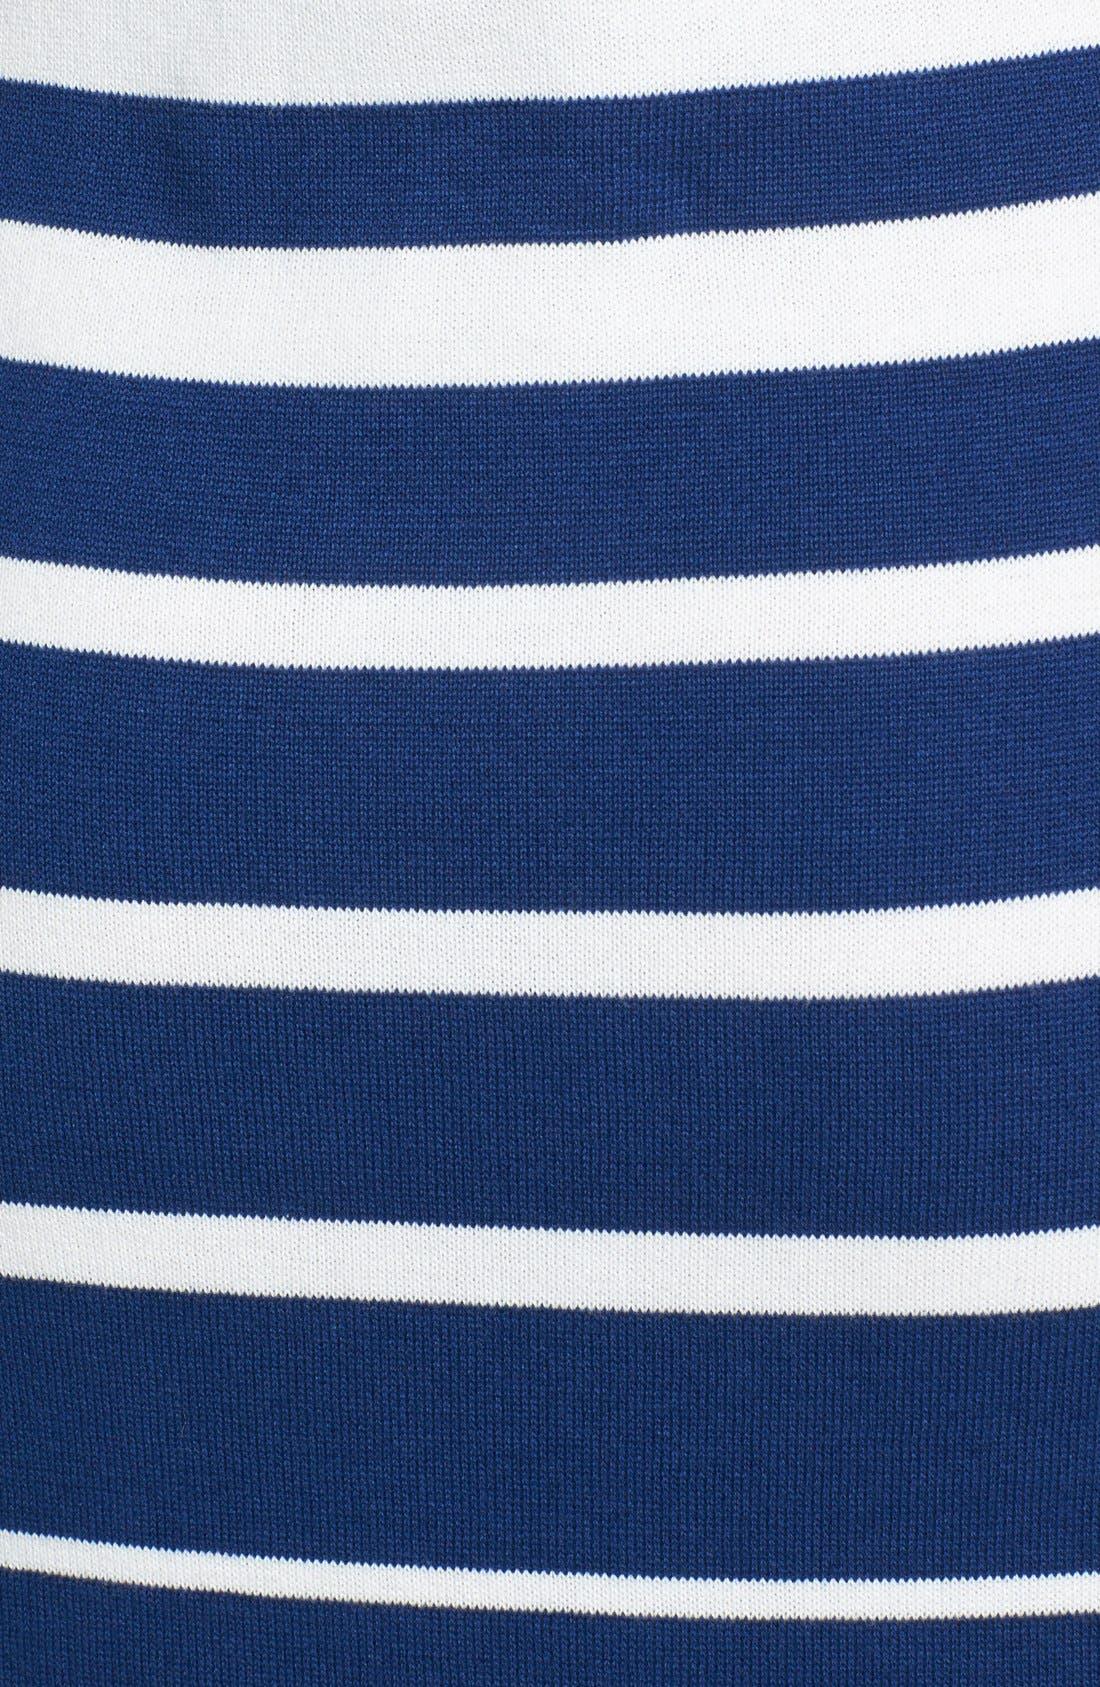 Alternate Image 4  - Trina Trina Turk 'Olive' Stripe Sweater Dress